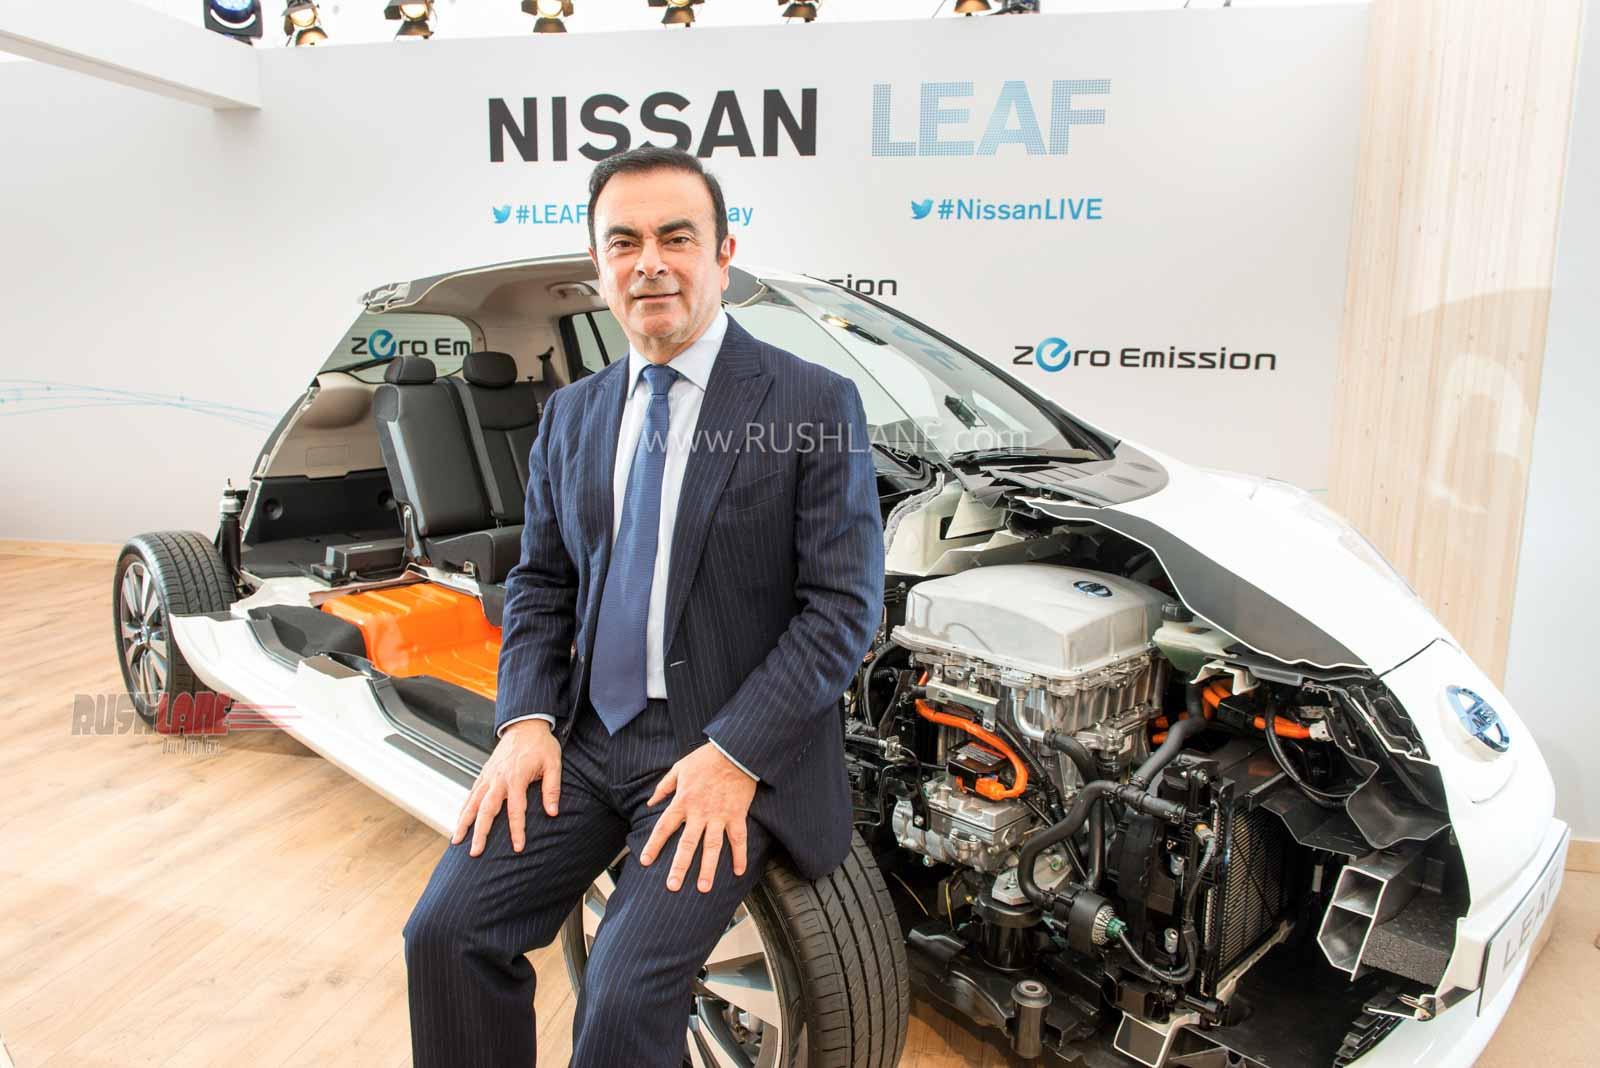 Carlos Ghosn flees Japan